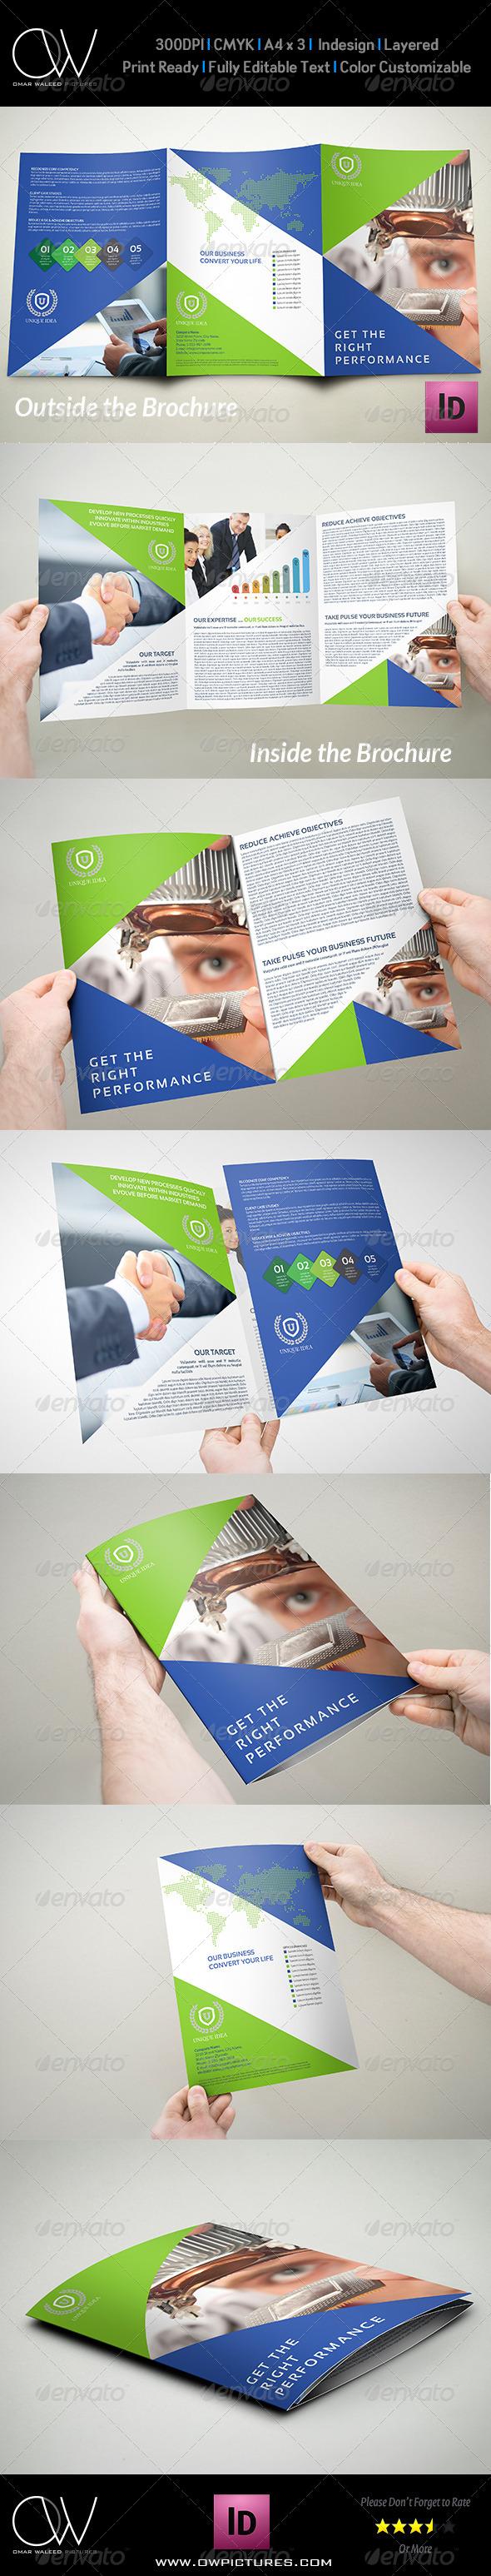 GraphicRiver Company Brochure Tri-Fold A4 x3 Vol.10 8167327